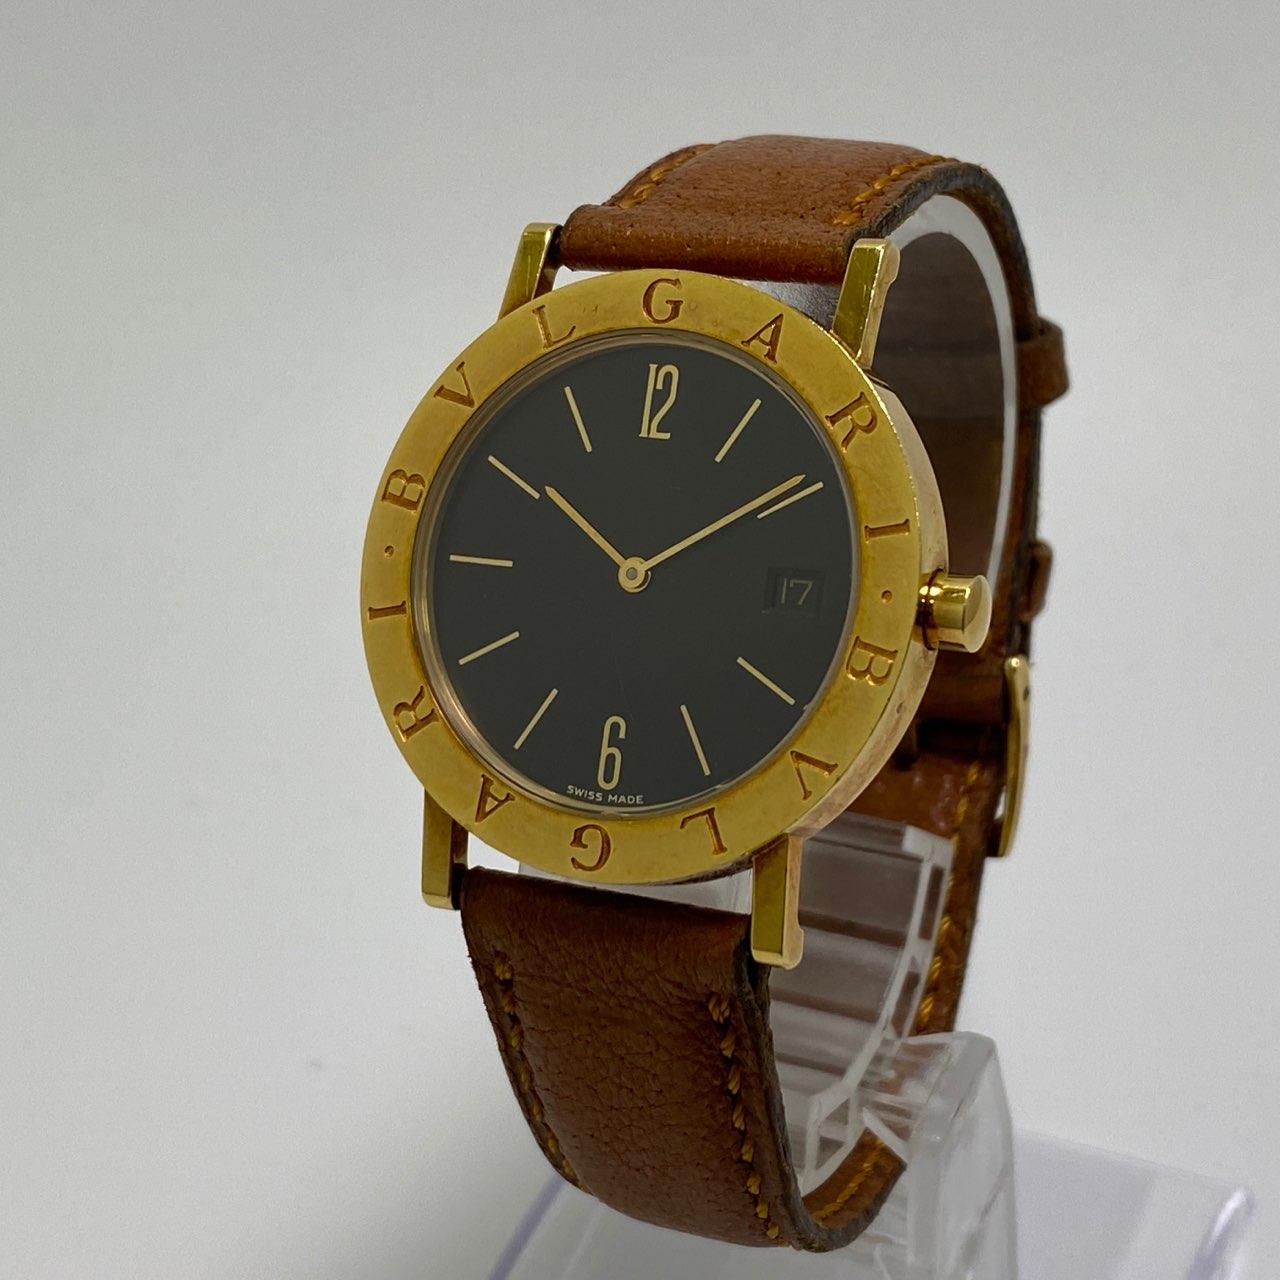 ブルガリの時計を高額買取しました!埼玉県のお客様